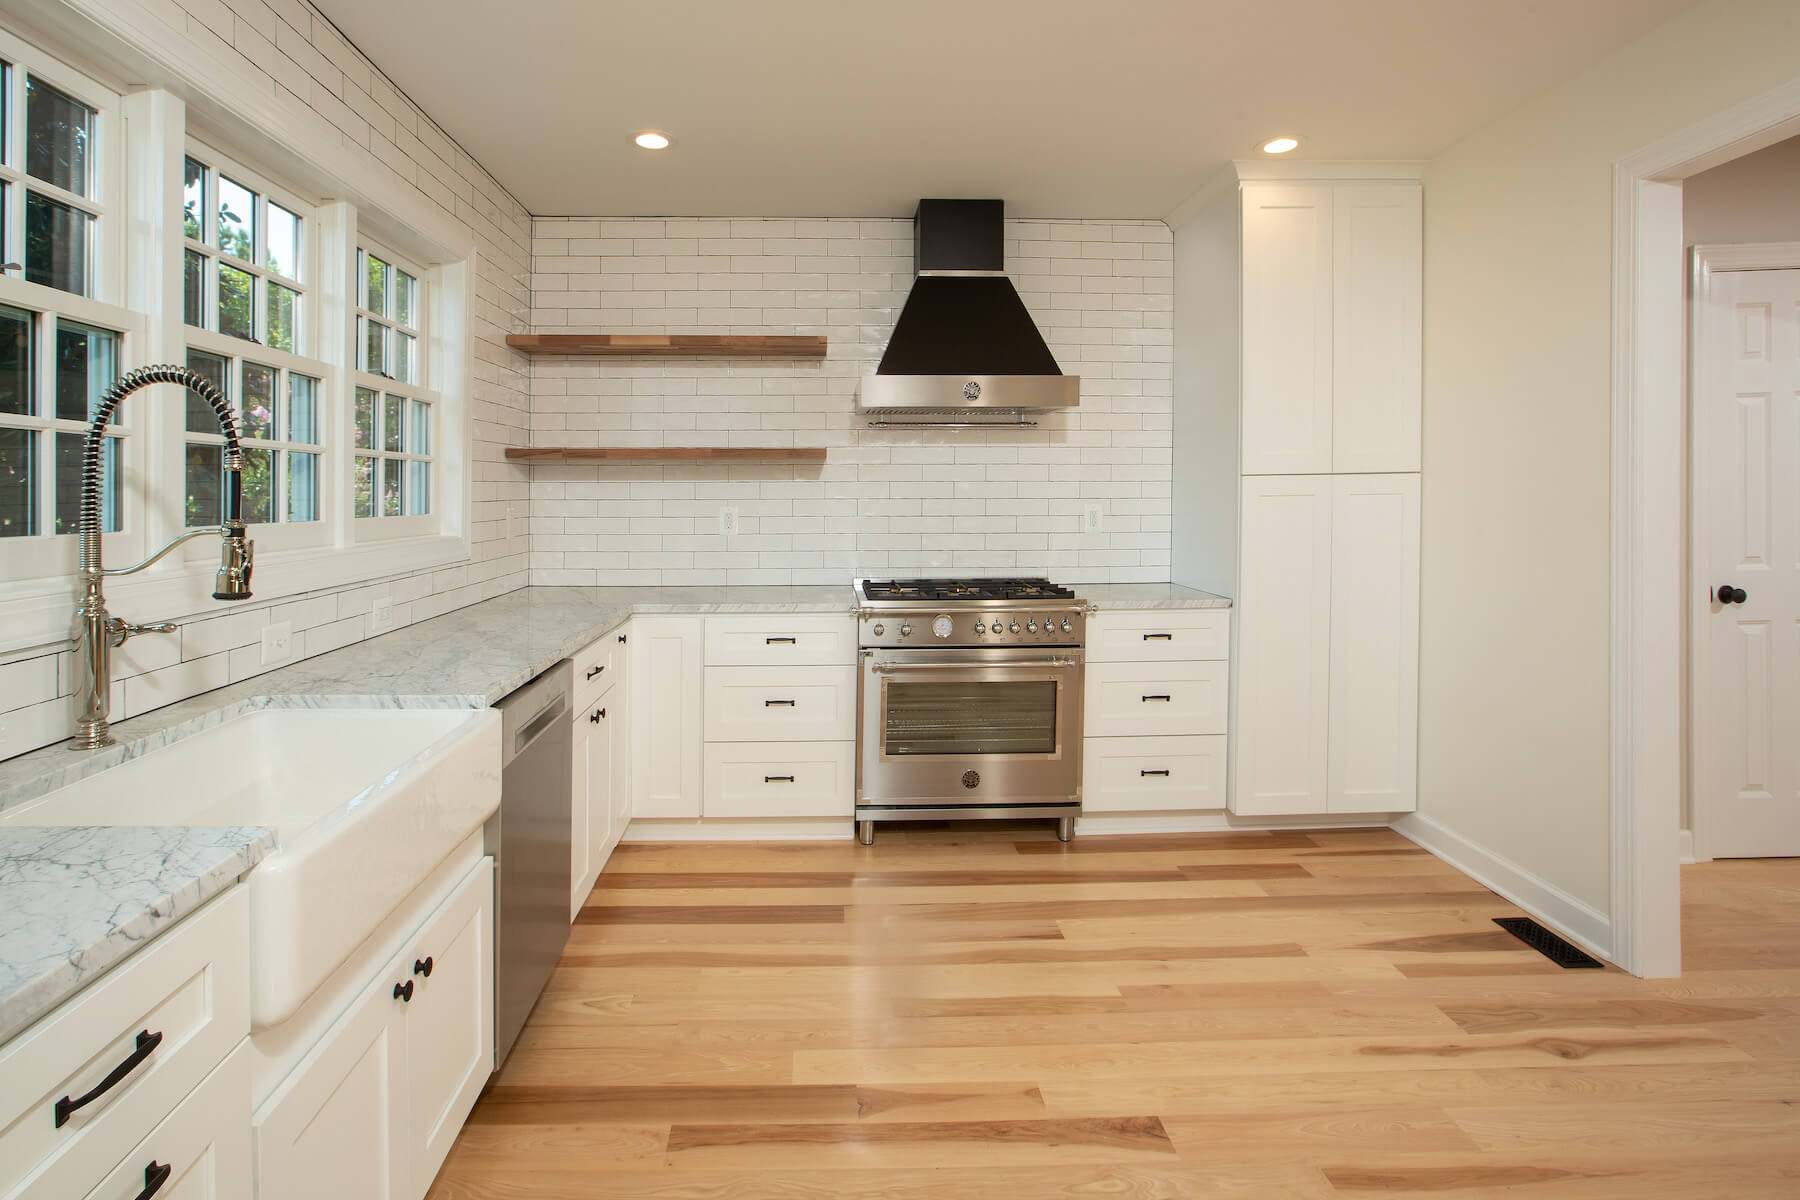 kitchen_stove_8-12-2019_721-1